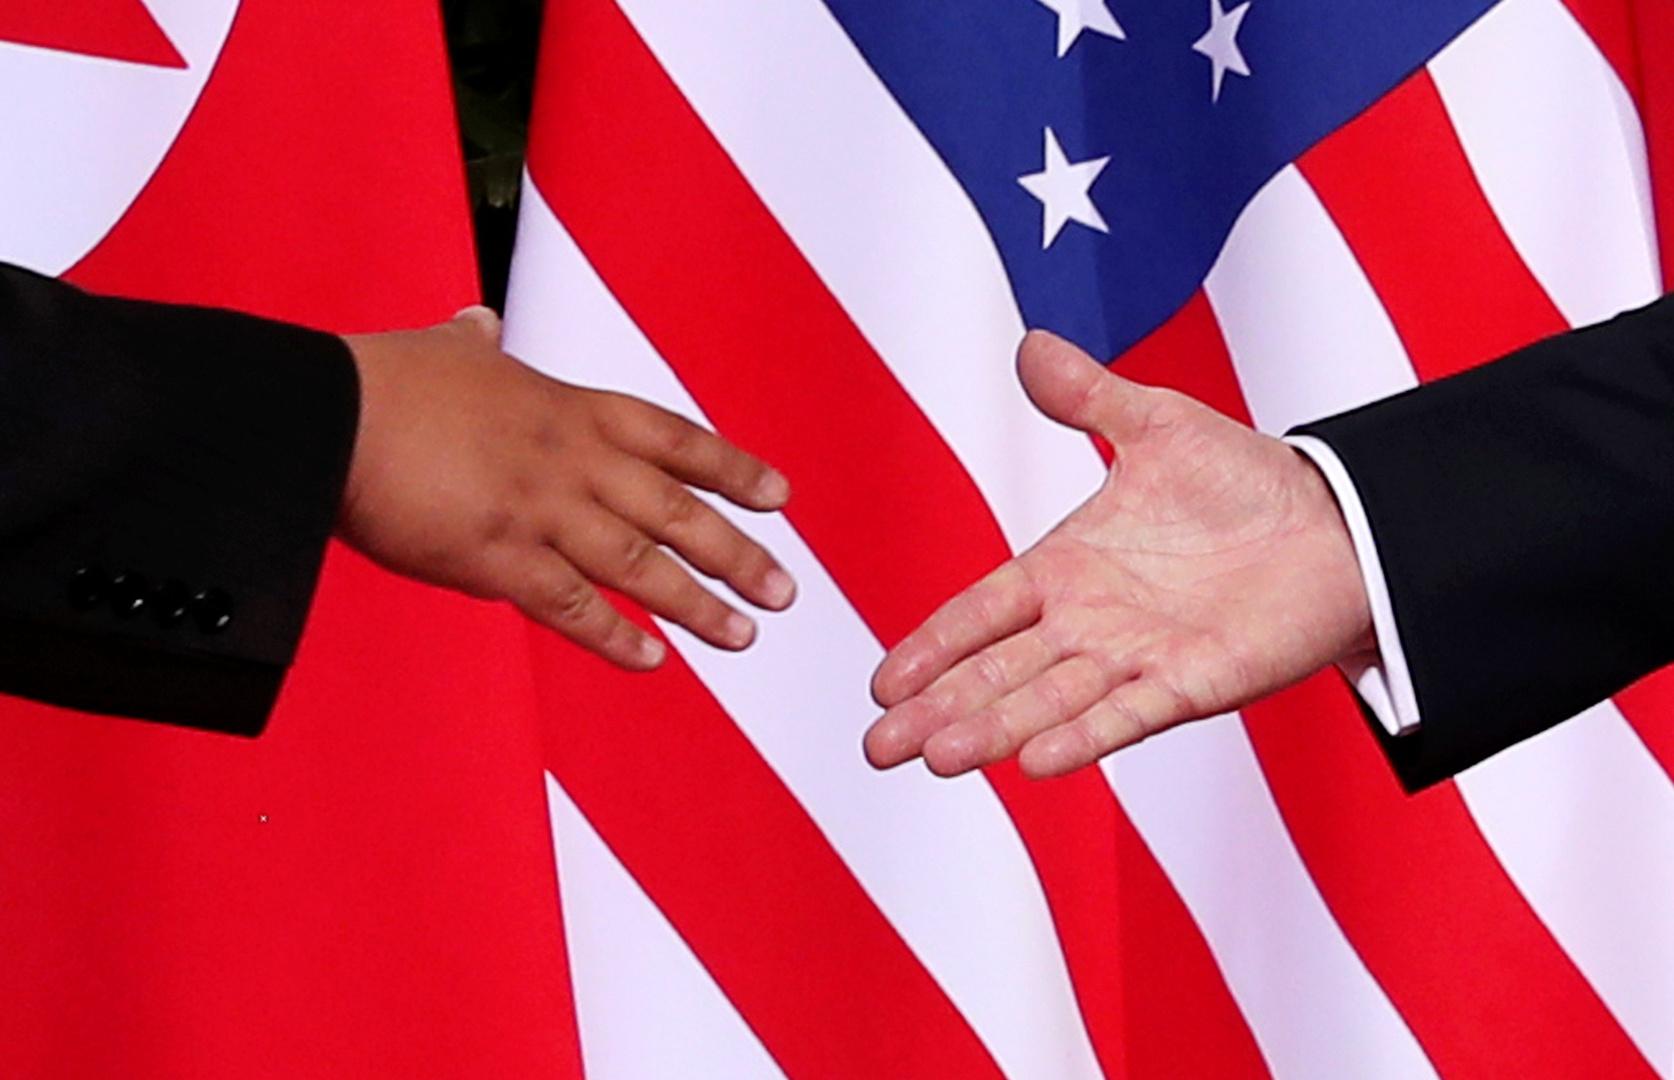 الولايات المتحدة تبدي استعدادها لمساعدة كوريا الشمالية في مواجهة